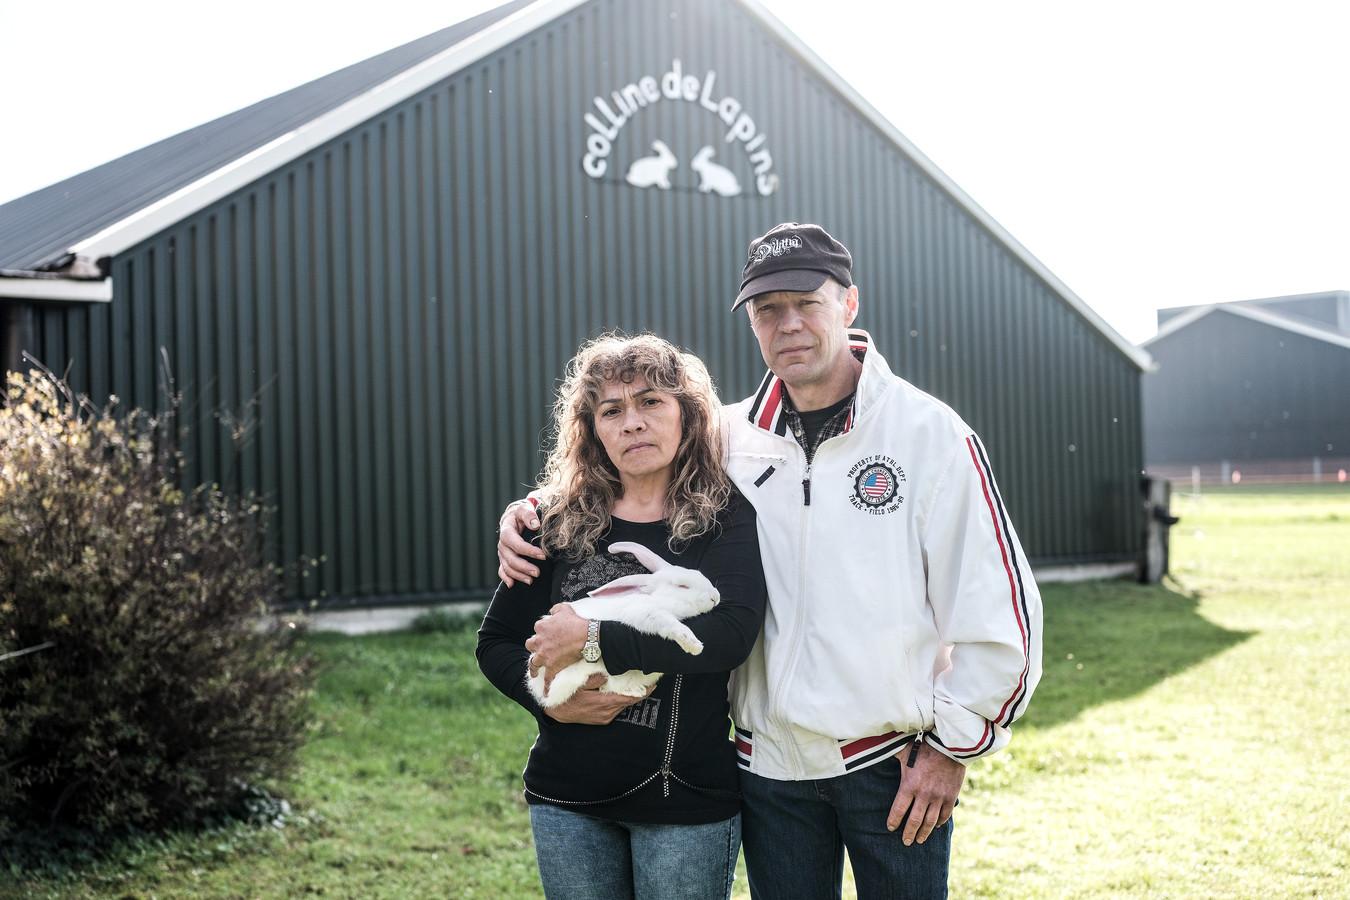 Henk Oonk met zijn vrouw voor de konijnenschuur.